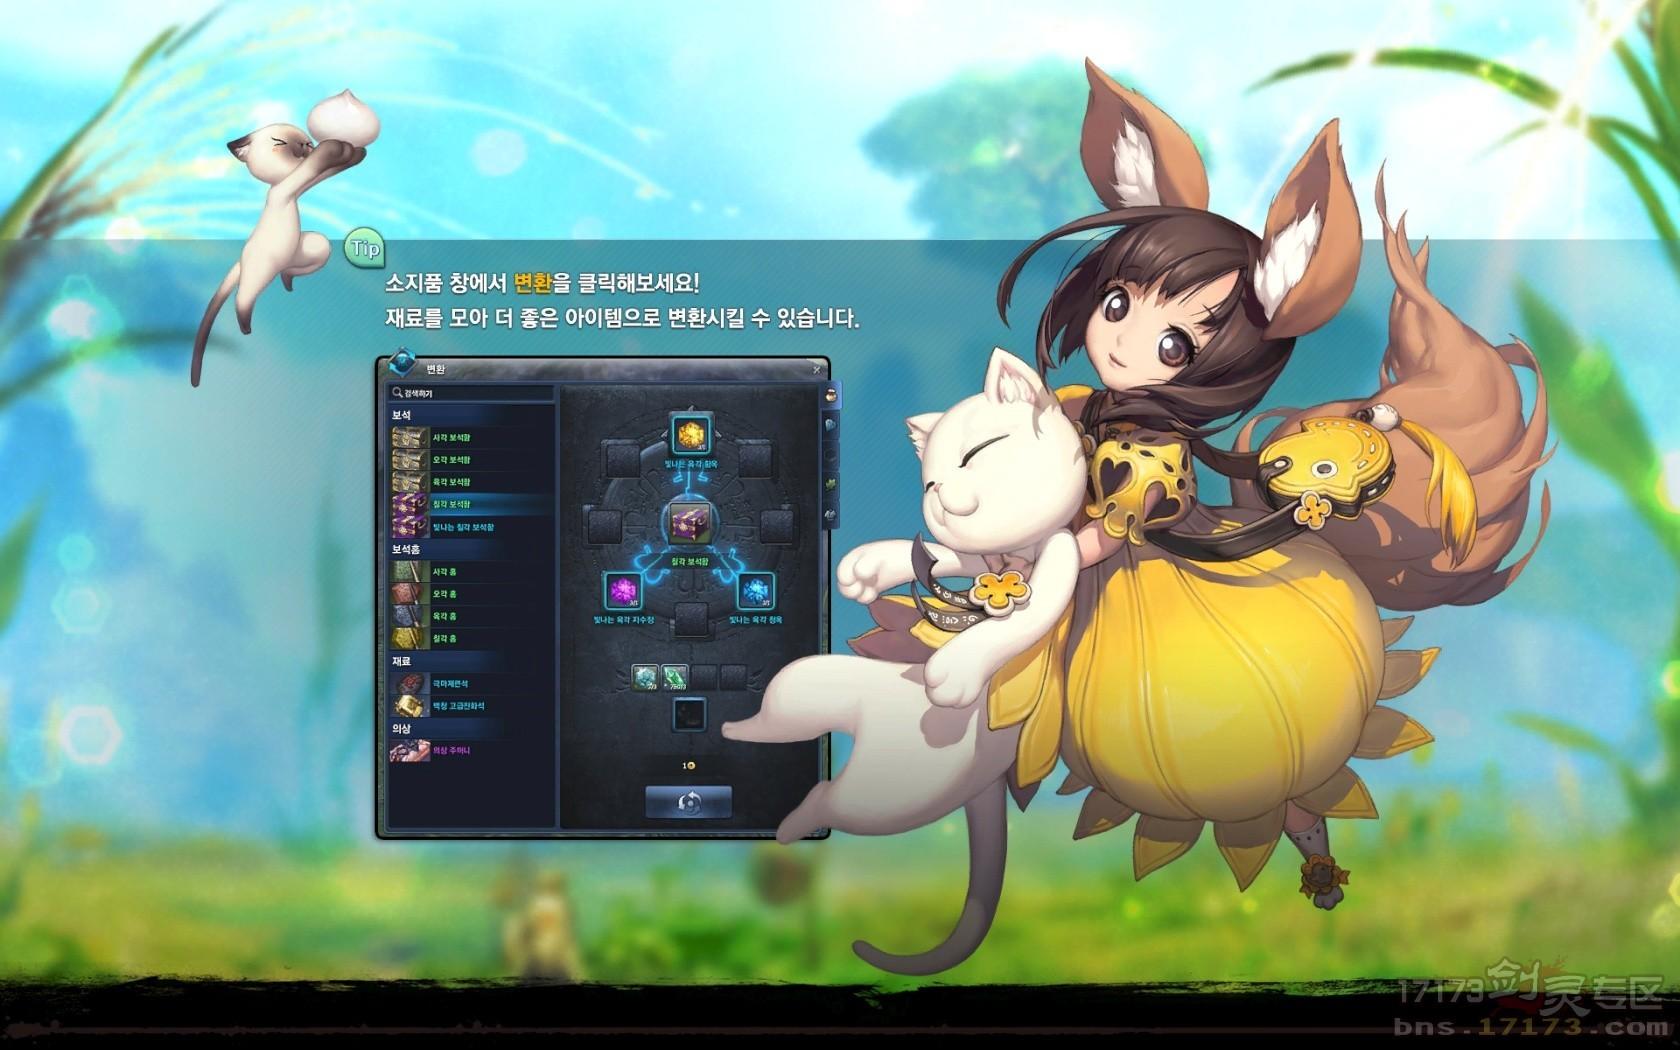 剑灵/剑灵韩服2.0 新版loading教学图第二弹